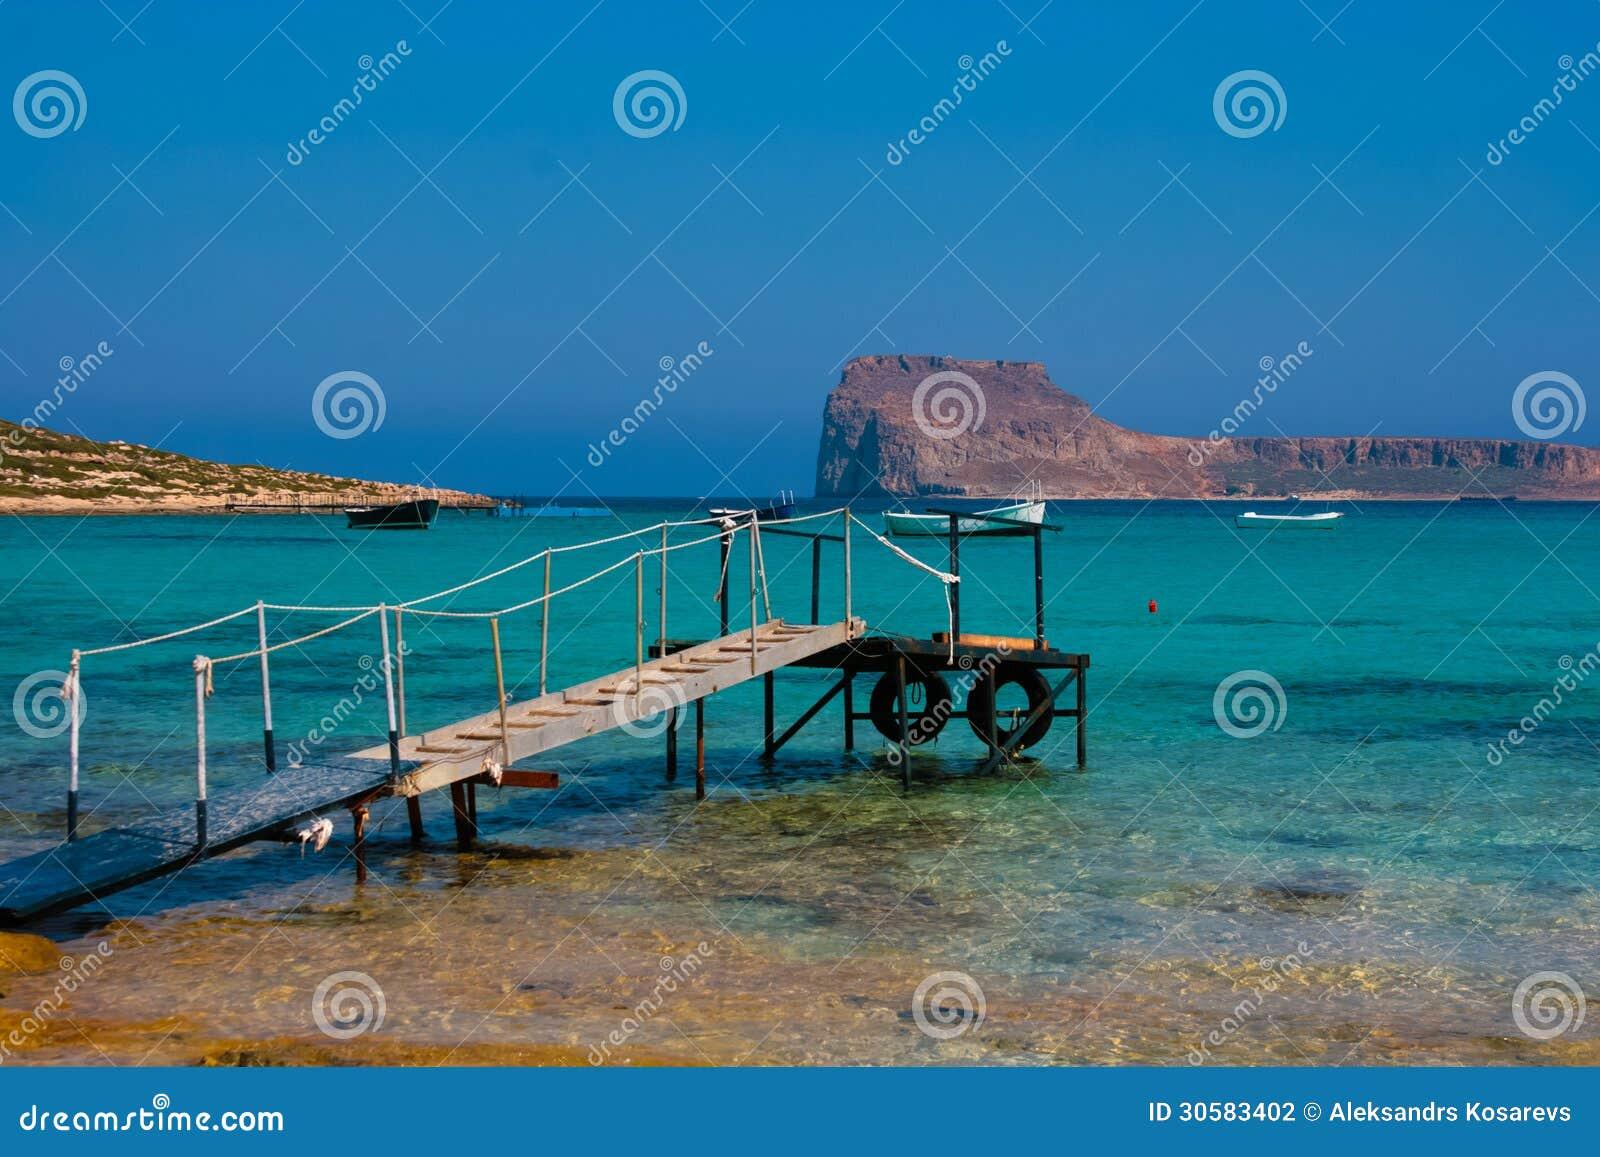 Embarcadero vacío en la laguna de Balos en Creta, Grecia